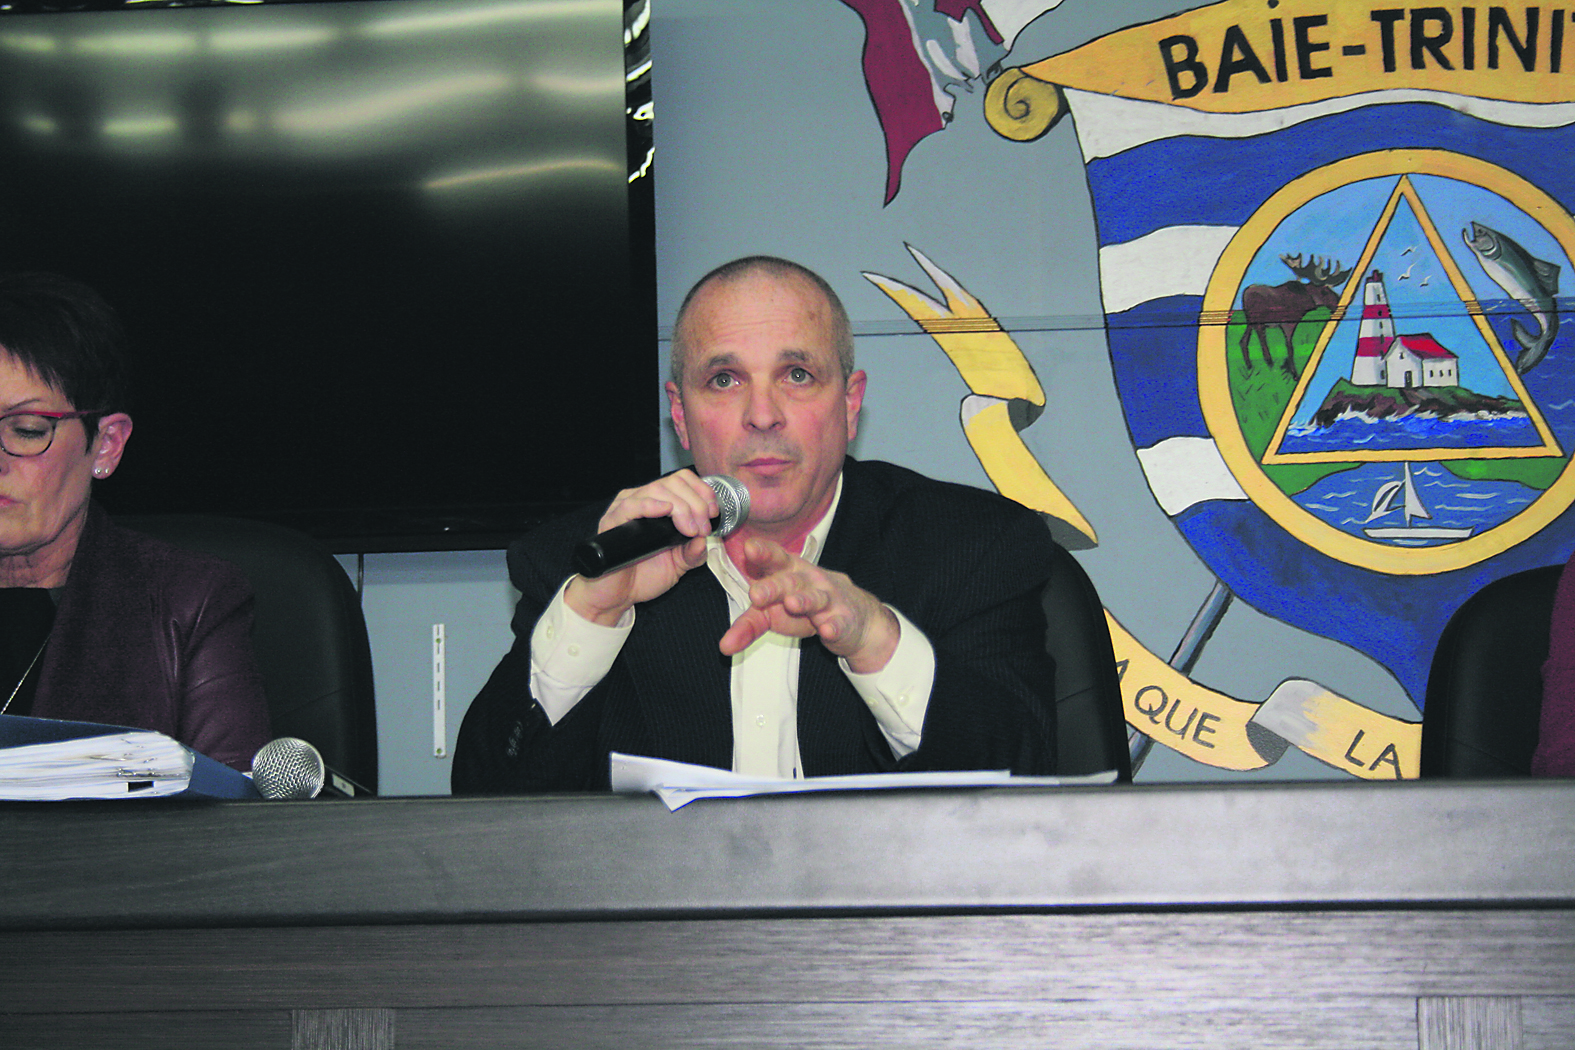 Il y aura élection à Baie-Trinité